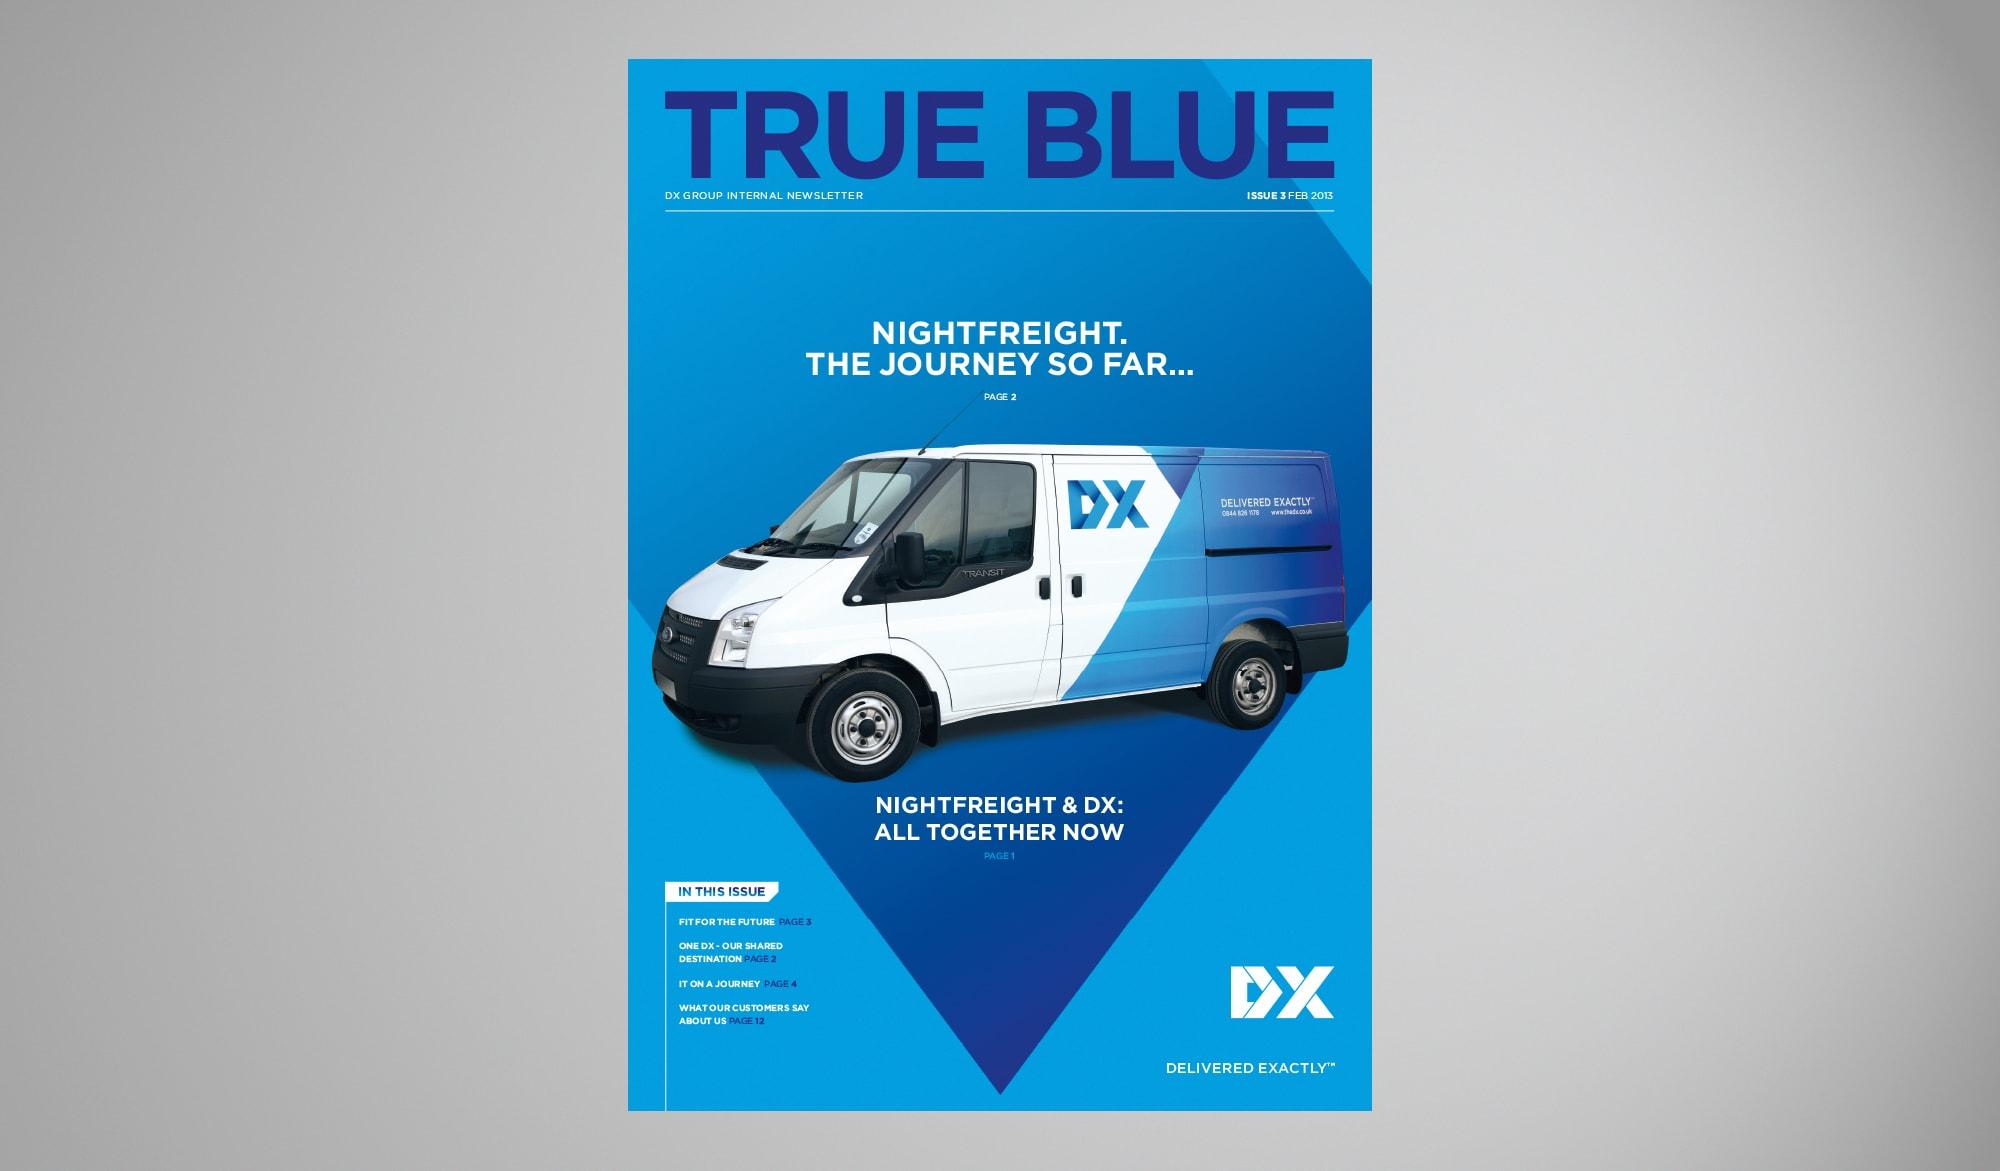 DX true blue newsletter cover